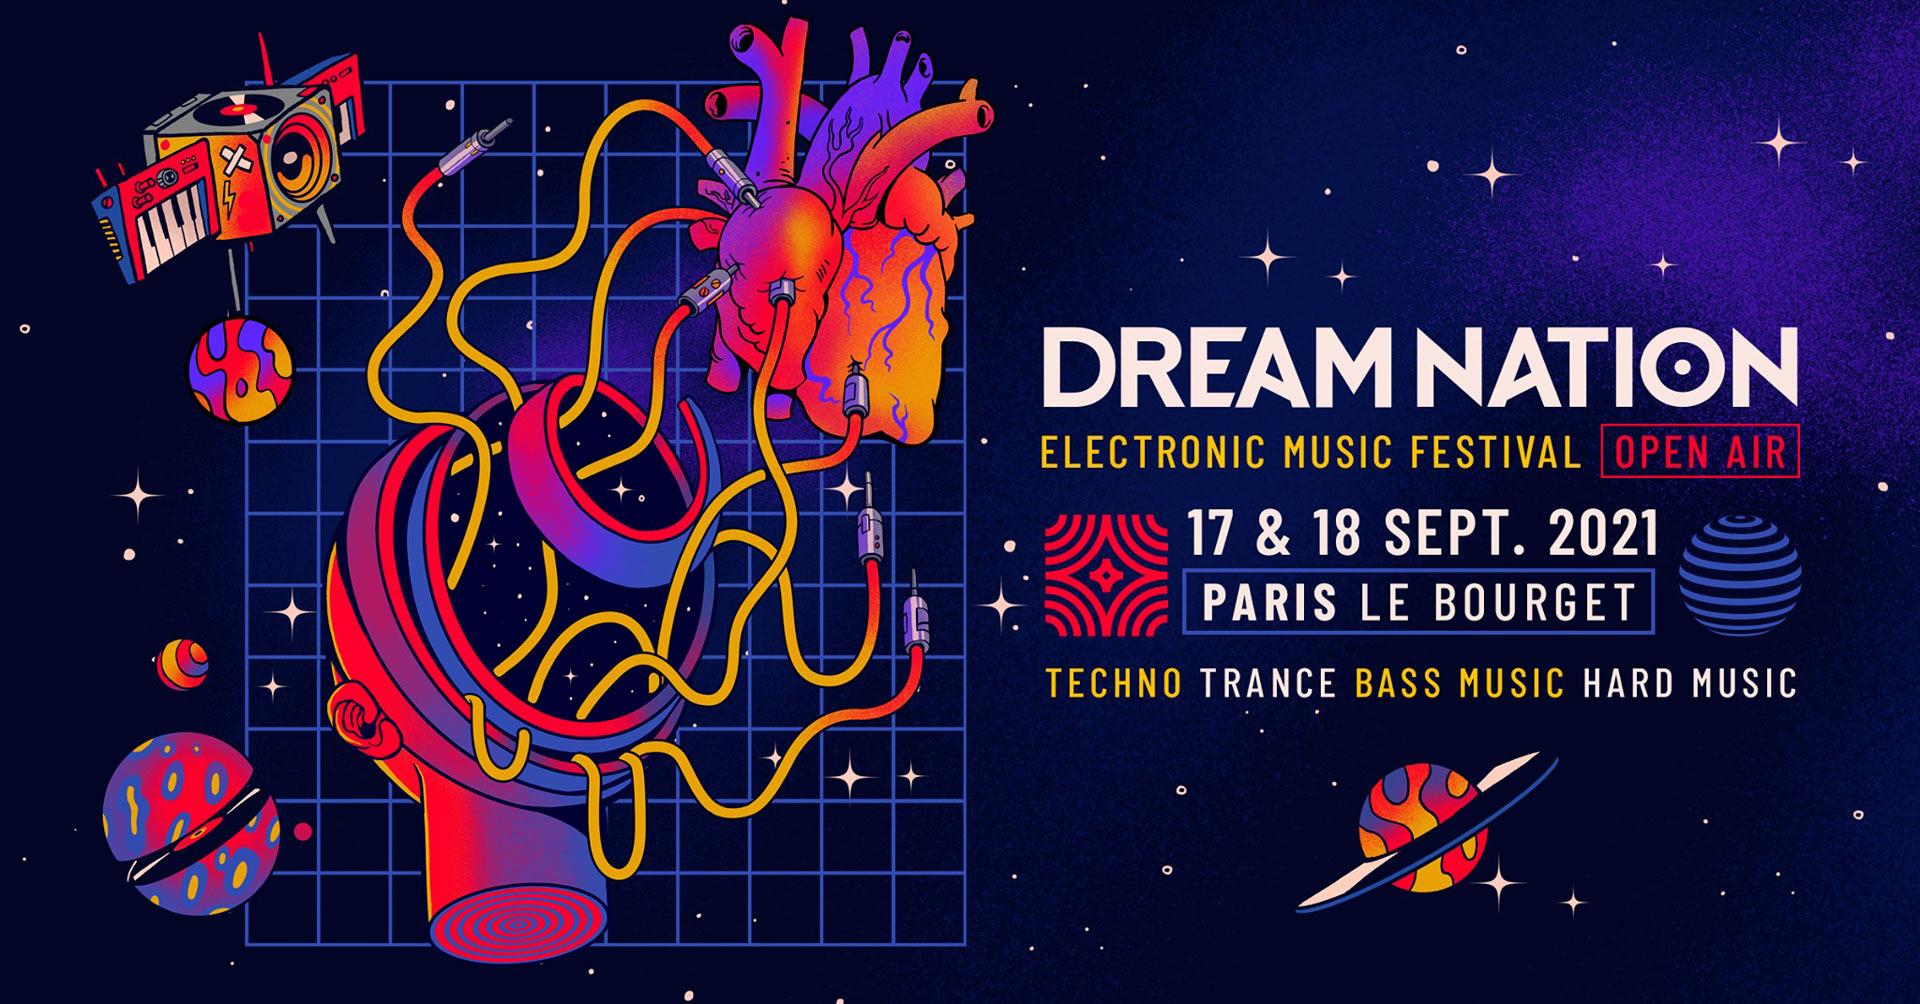 17 & 18 Septembre 2021 – DREAM NATION FESTIVAL – OPEN AIR - PARIS LE BOURGET